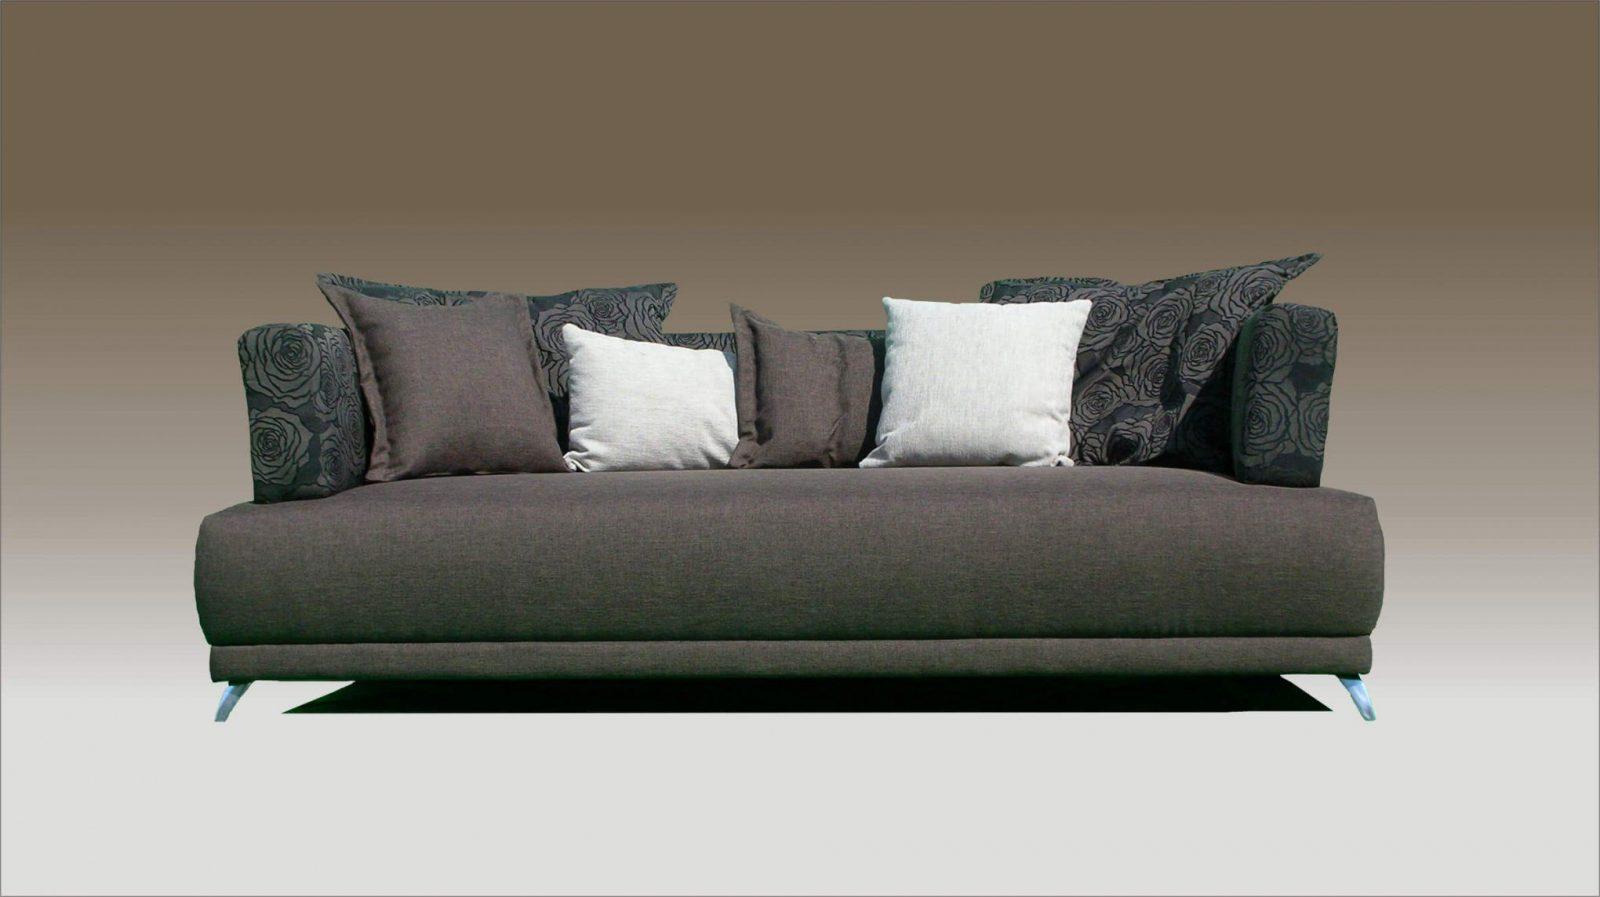 Kleine Sofas Für Kleine Räume von Ecksofas Für Kleine Räume Photo